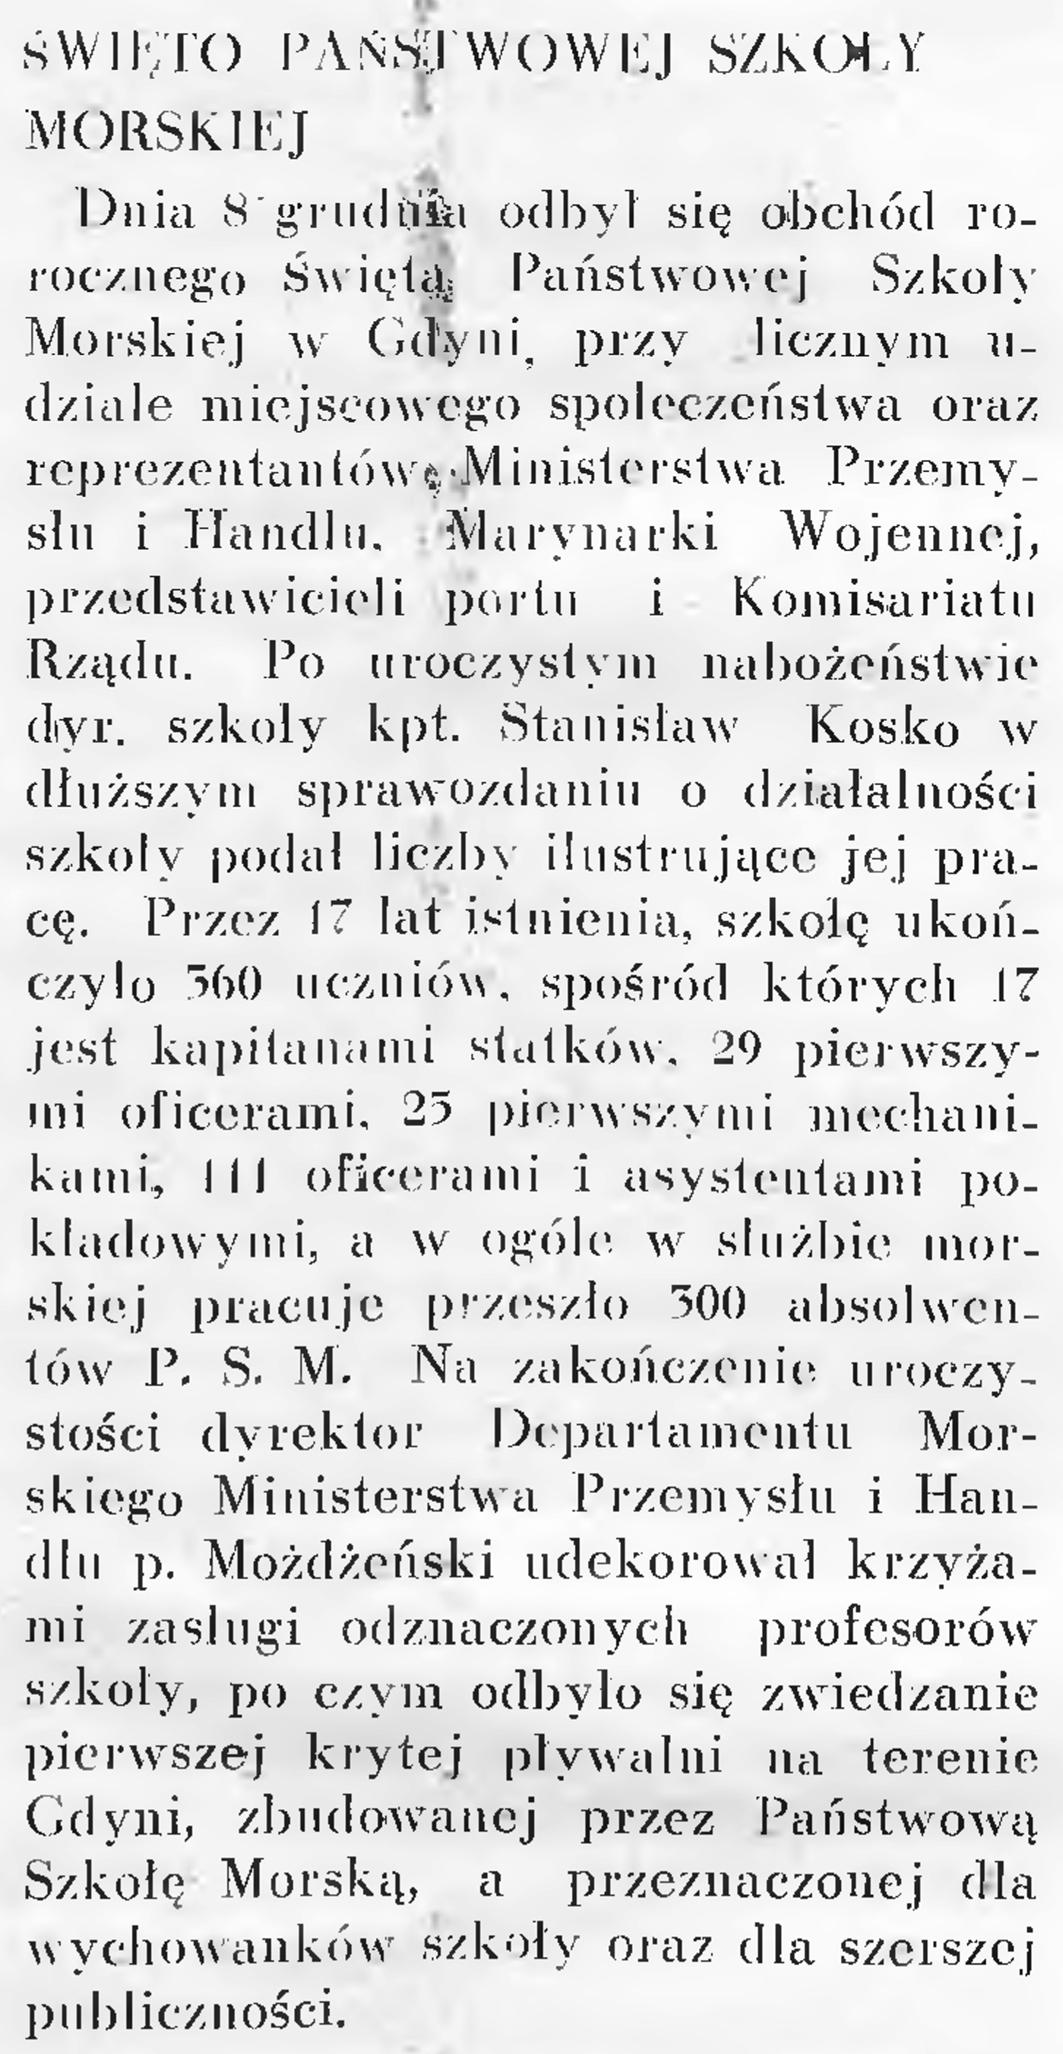 Święto Państwowej Szkoły Morskiej // Wiadomości Portu Gdyńskiego. - 1937, nr 12, s. 17